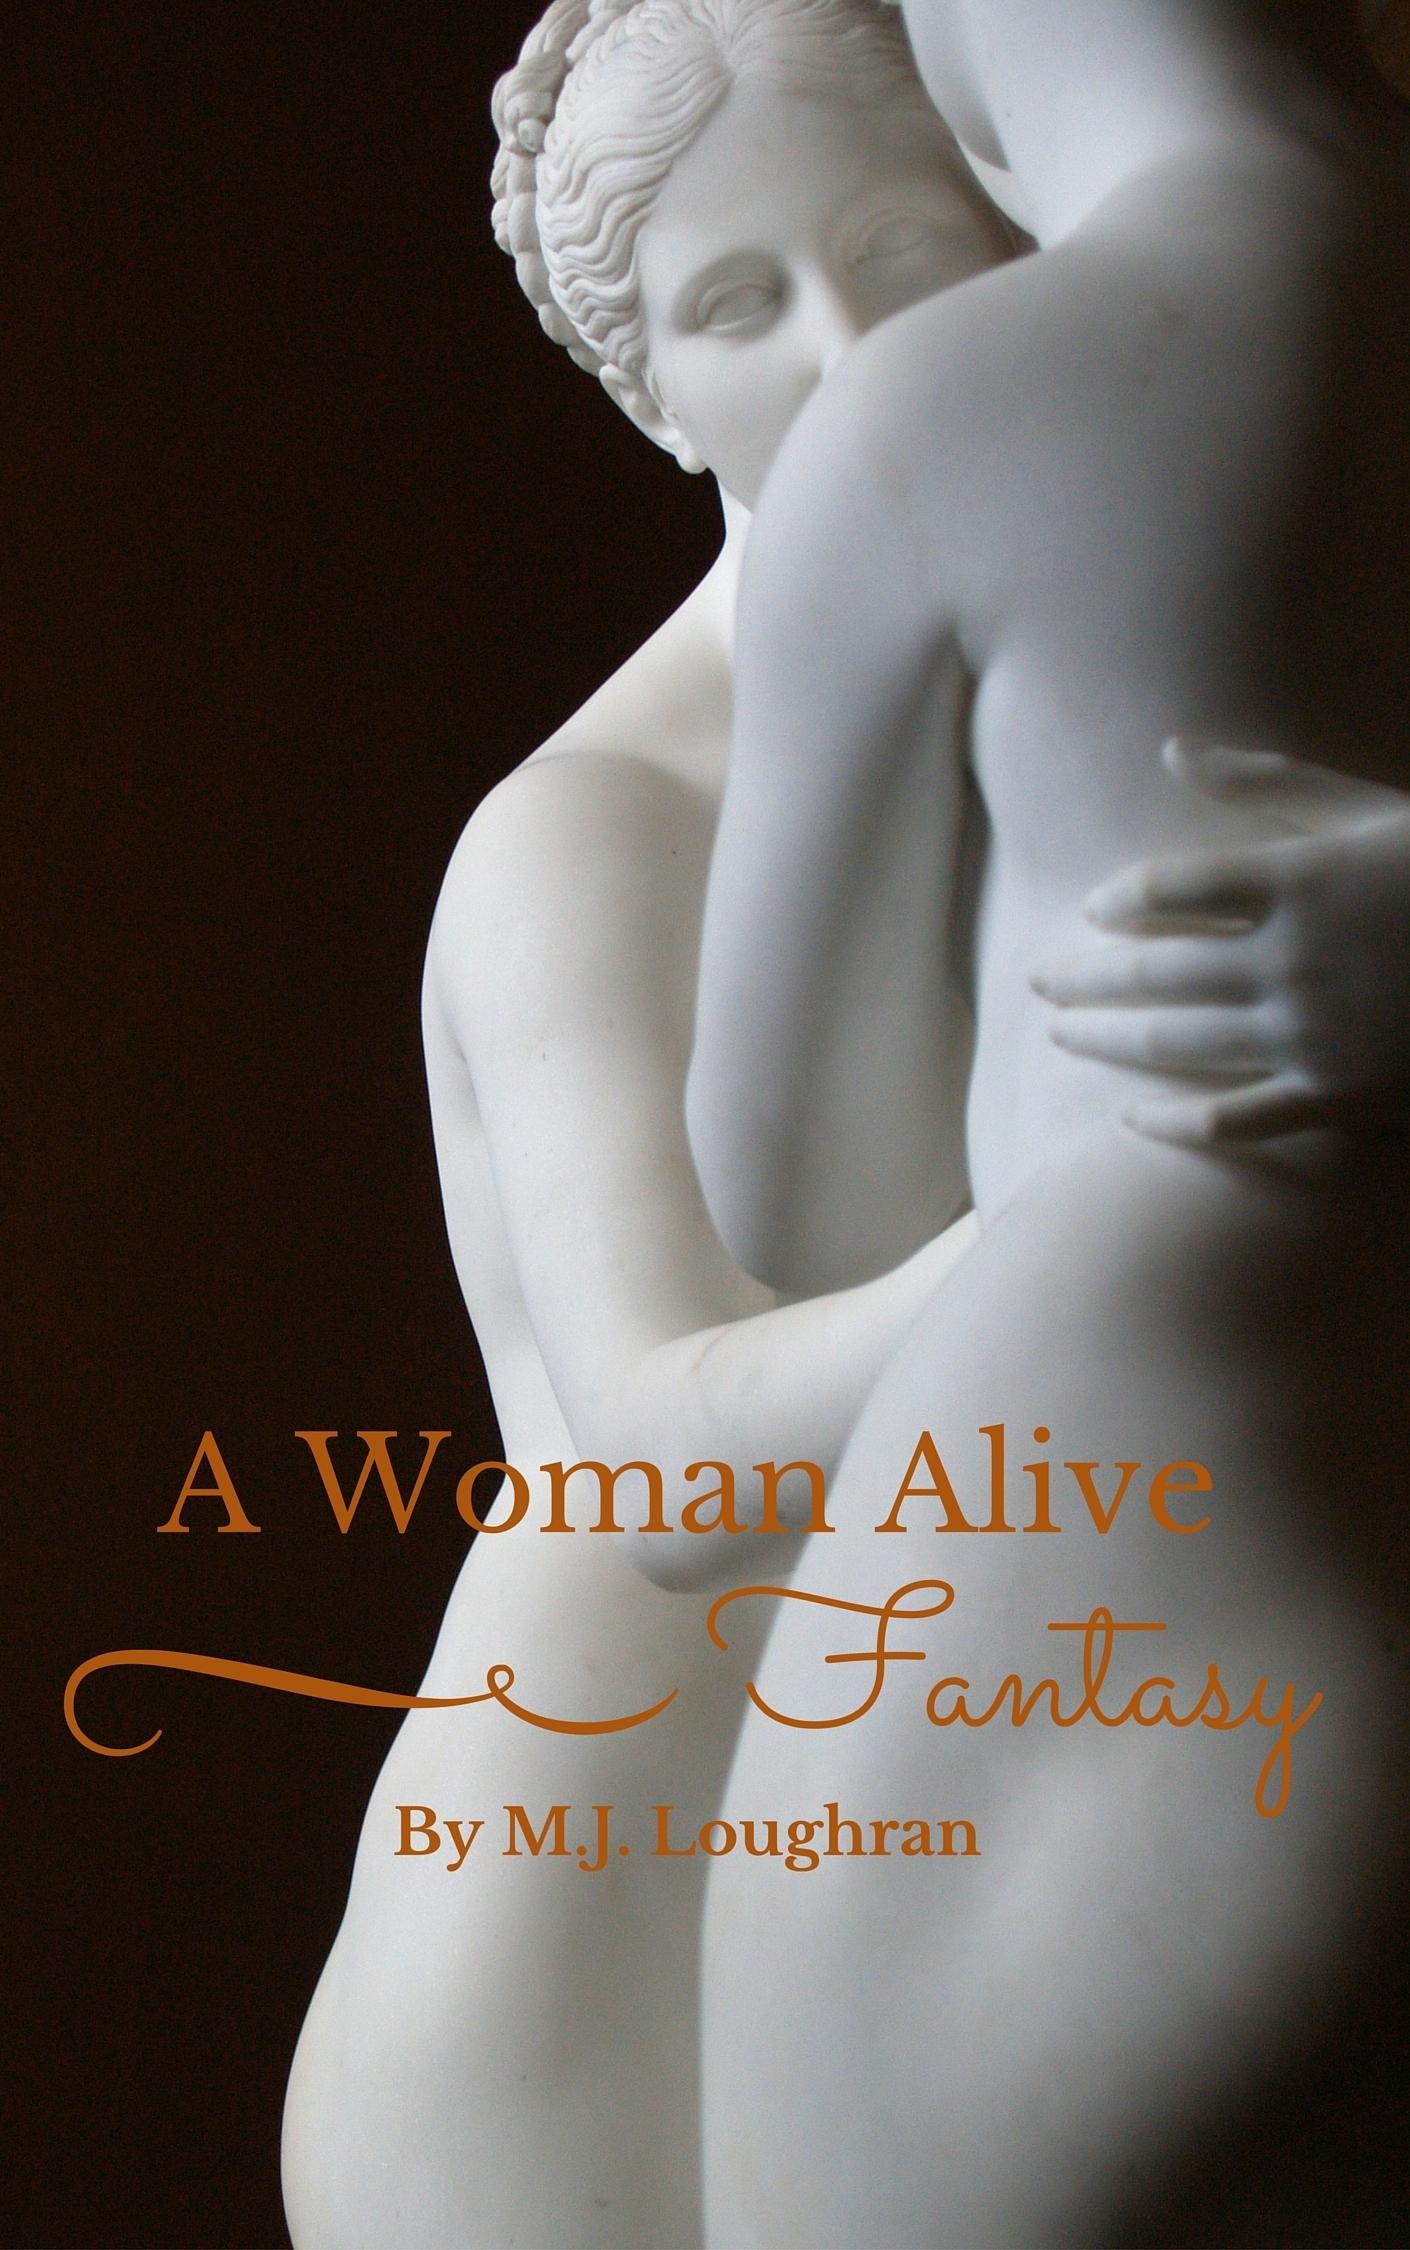 A Woman Alive: Fantasy  by  M.J. Loughran